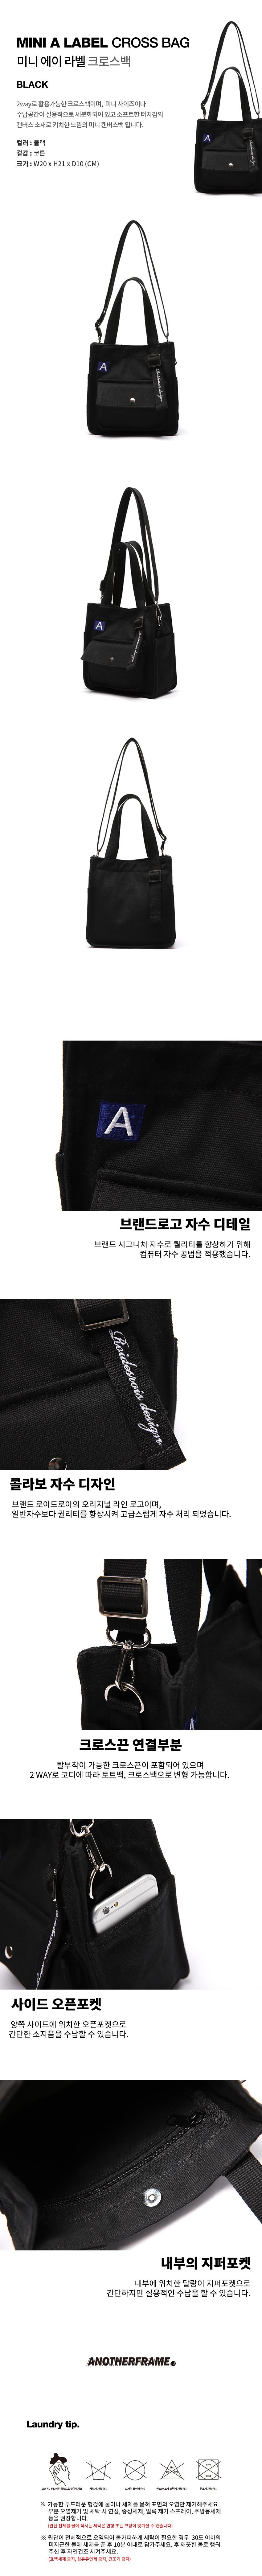 [어나더프레임X로아드로아] MINI A LABEL CROSS BAG (BLACK)